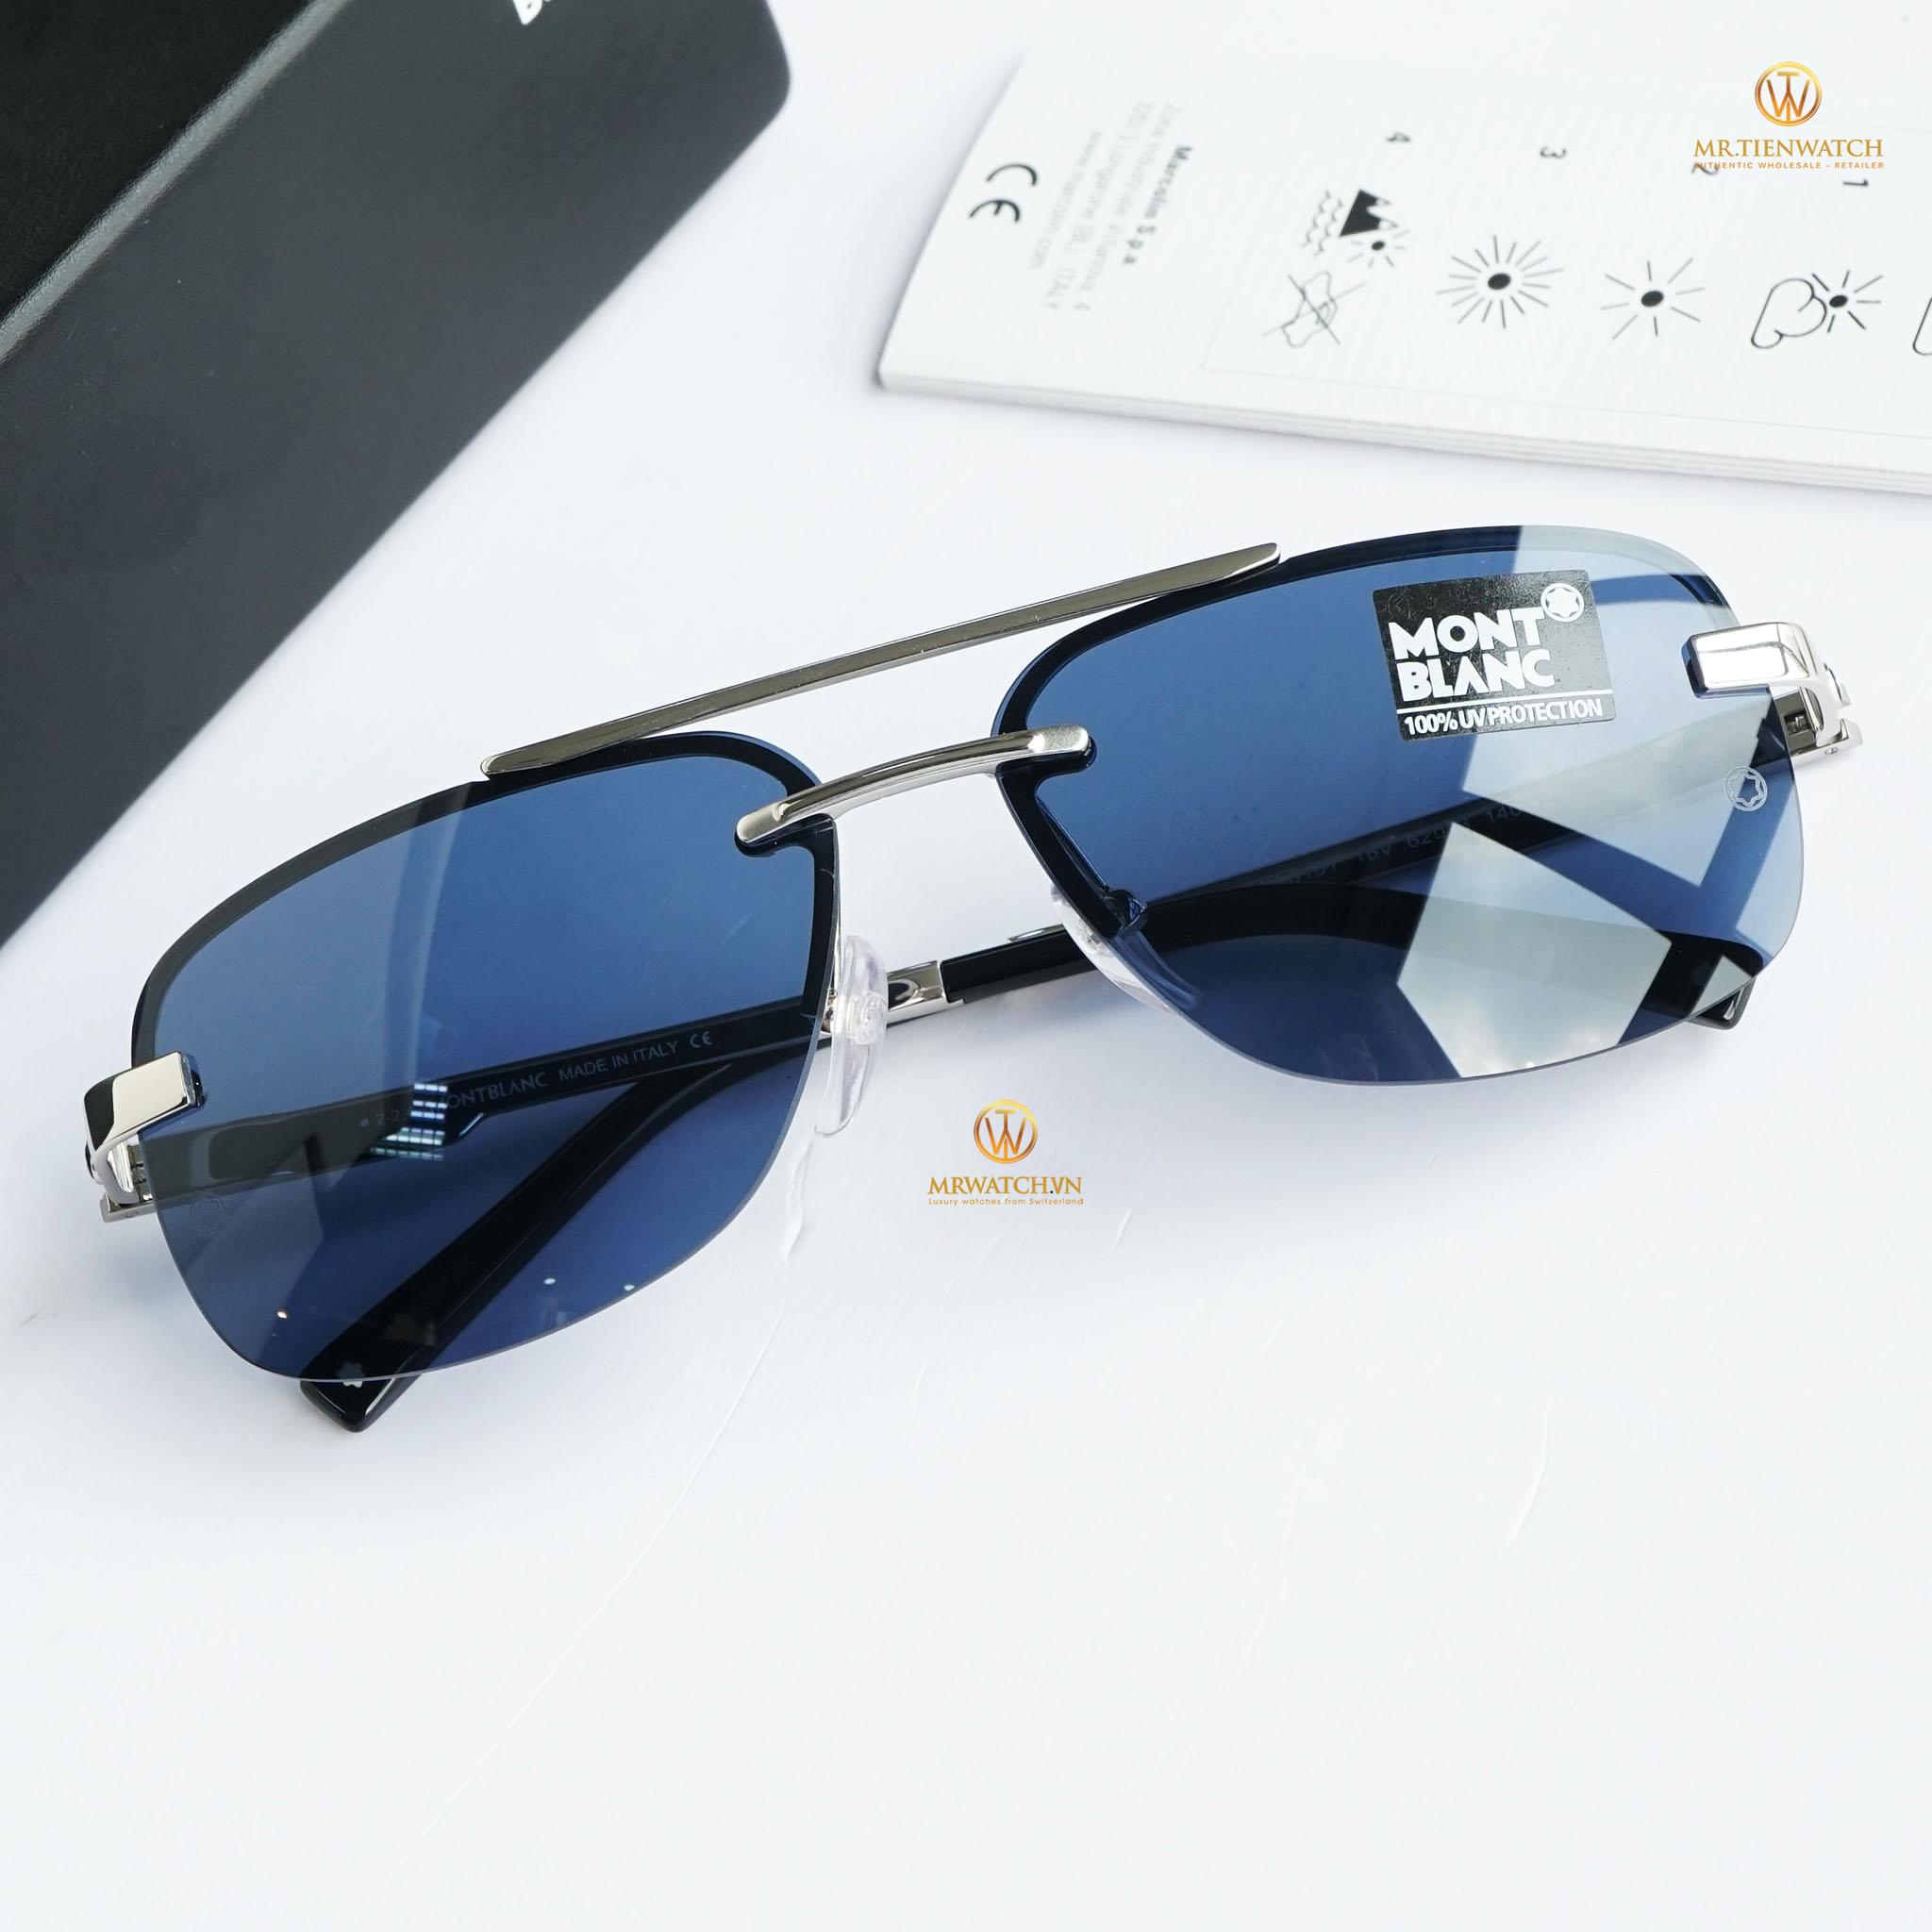 Kính râm Montblanc Rimless Sunglasses MB510T 16V Palladium/Black 510 chính hãng